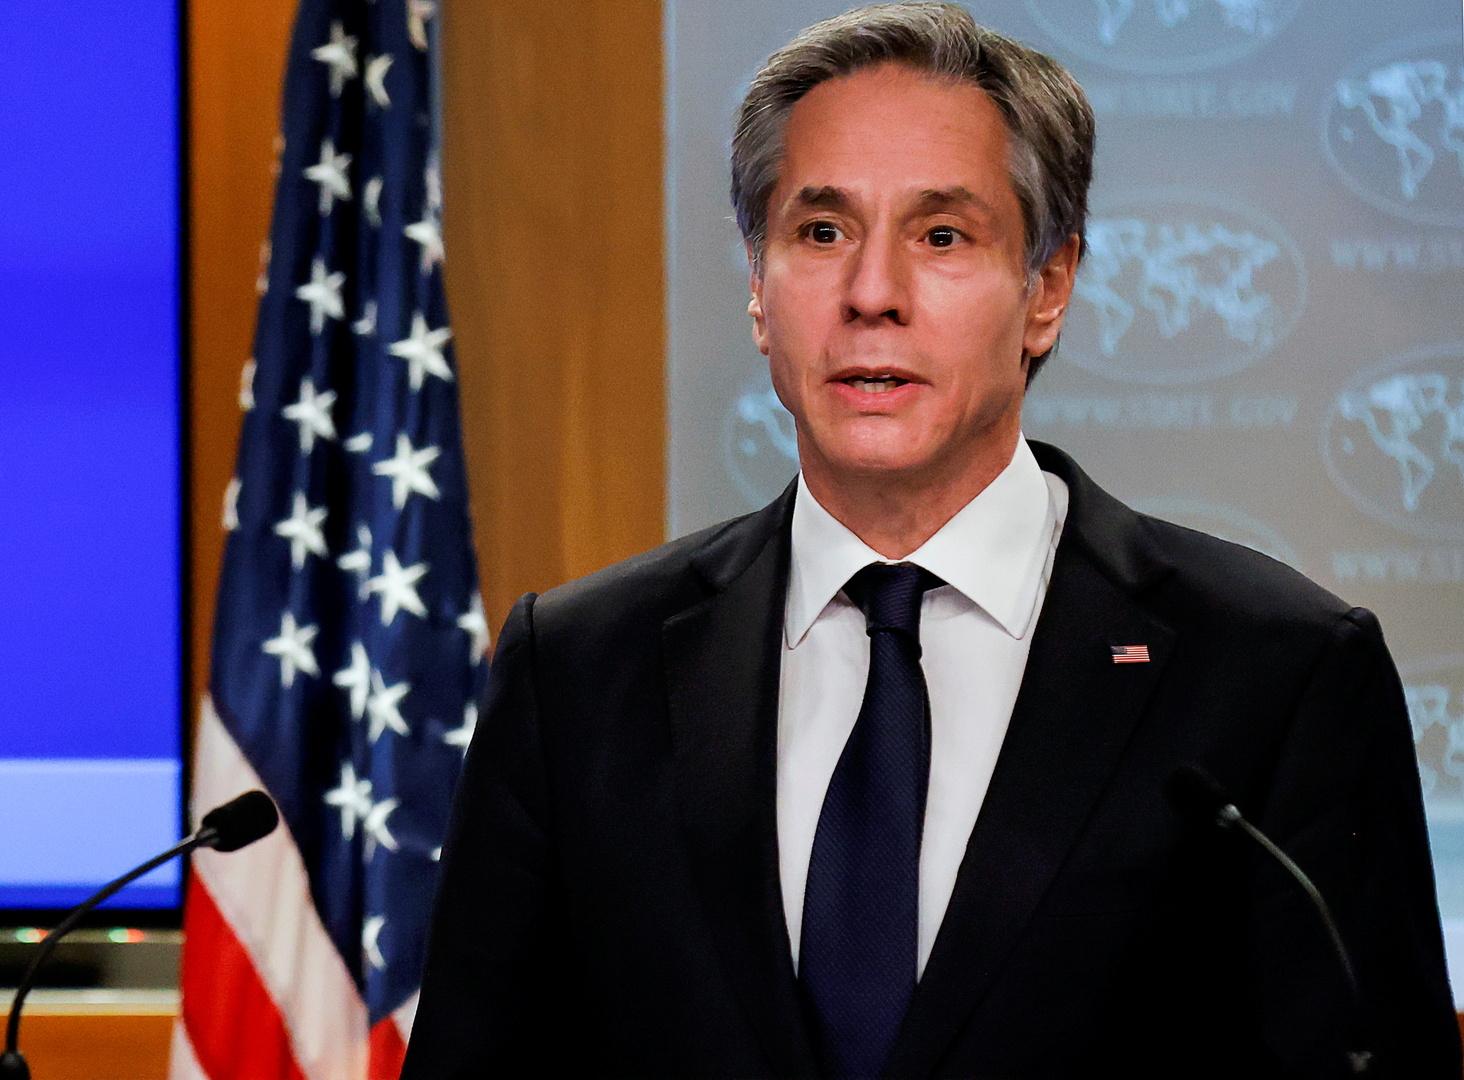 بلينكن: الولايات المتحدة ستقف مع دول جنوب شرق آسيا ضد الضغط الصيني